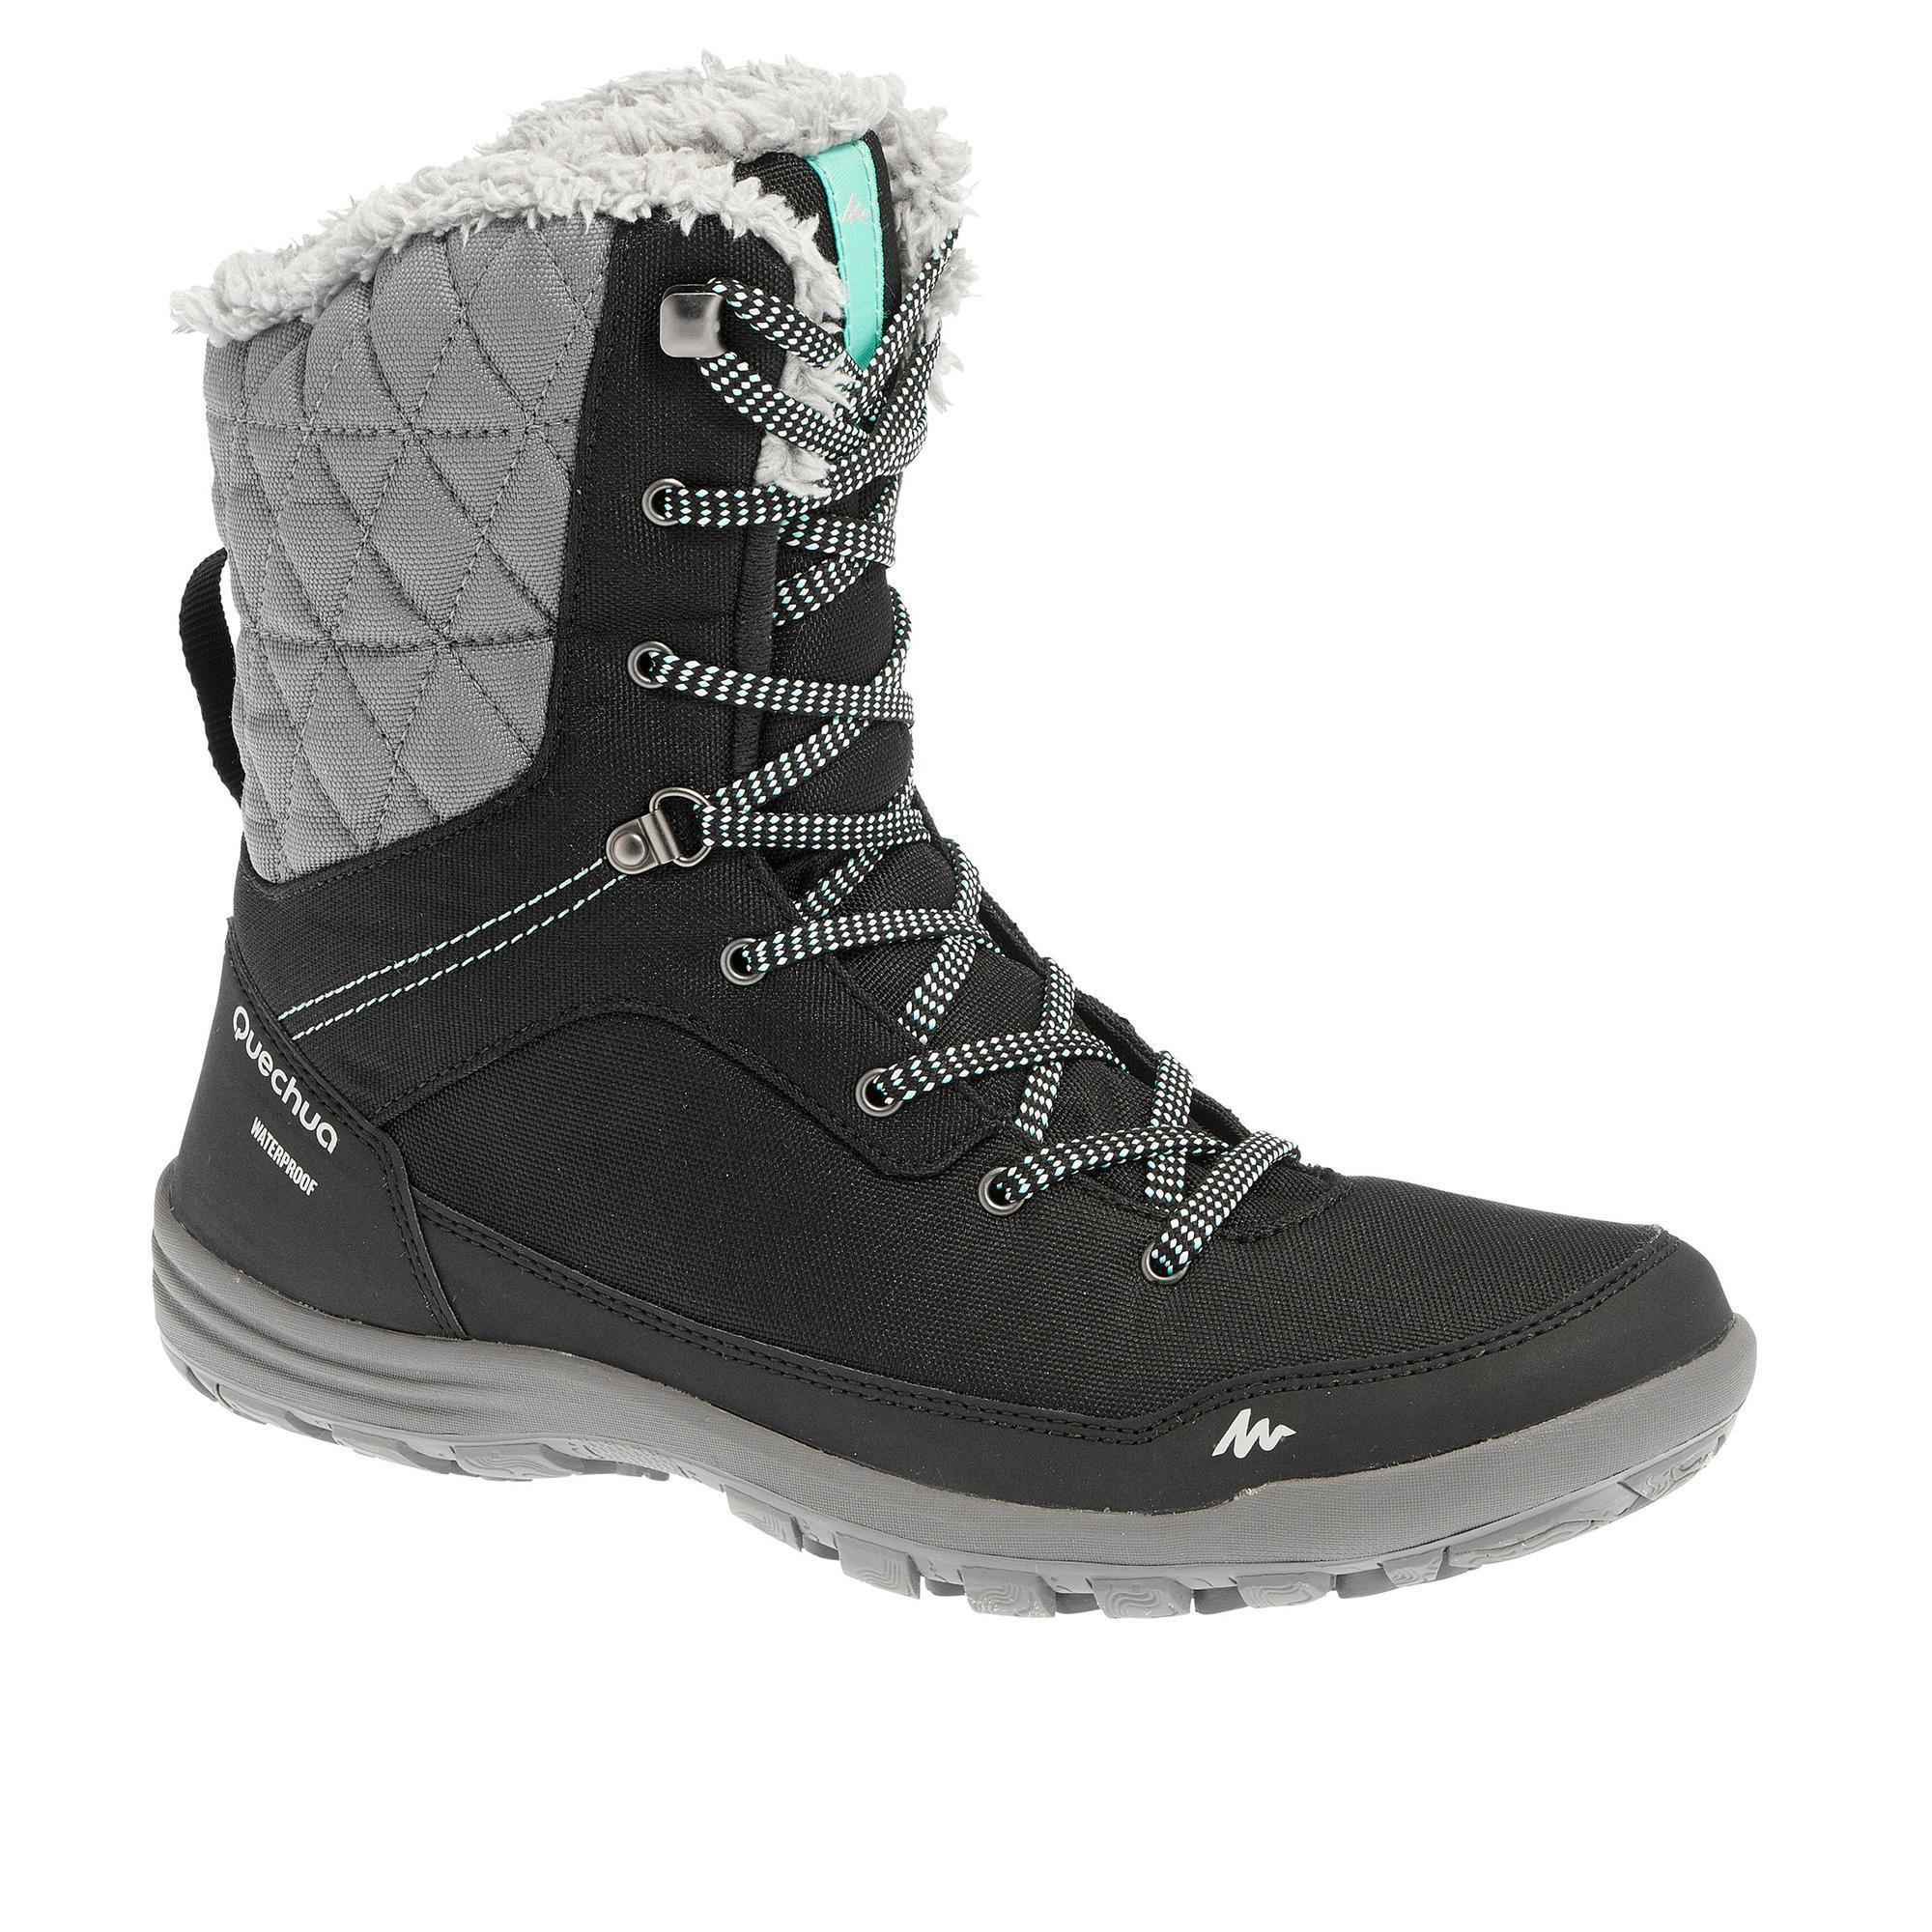 2094285 Quechua Schoenen voor wandelen in de sneeuw dames SH100 High warm waterdicht